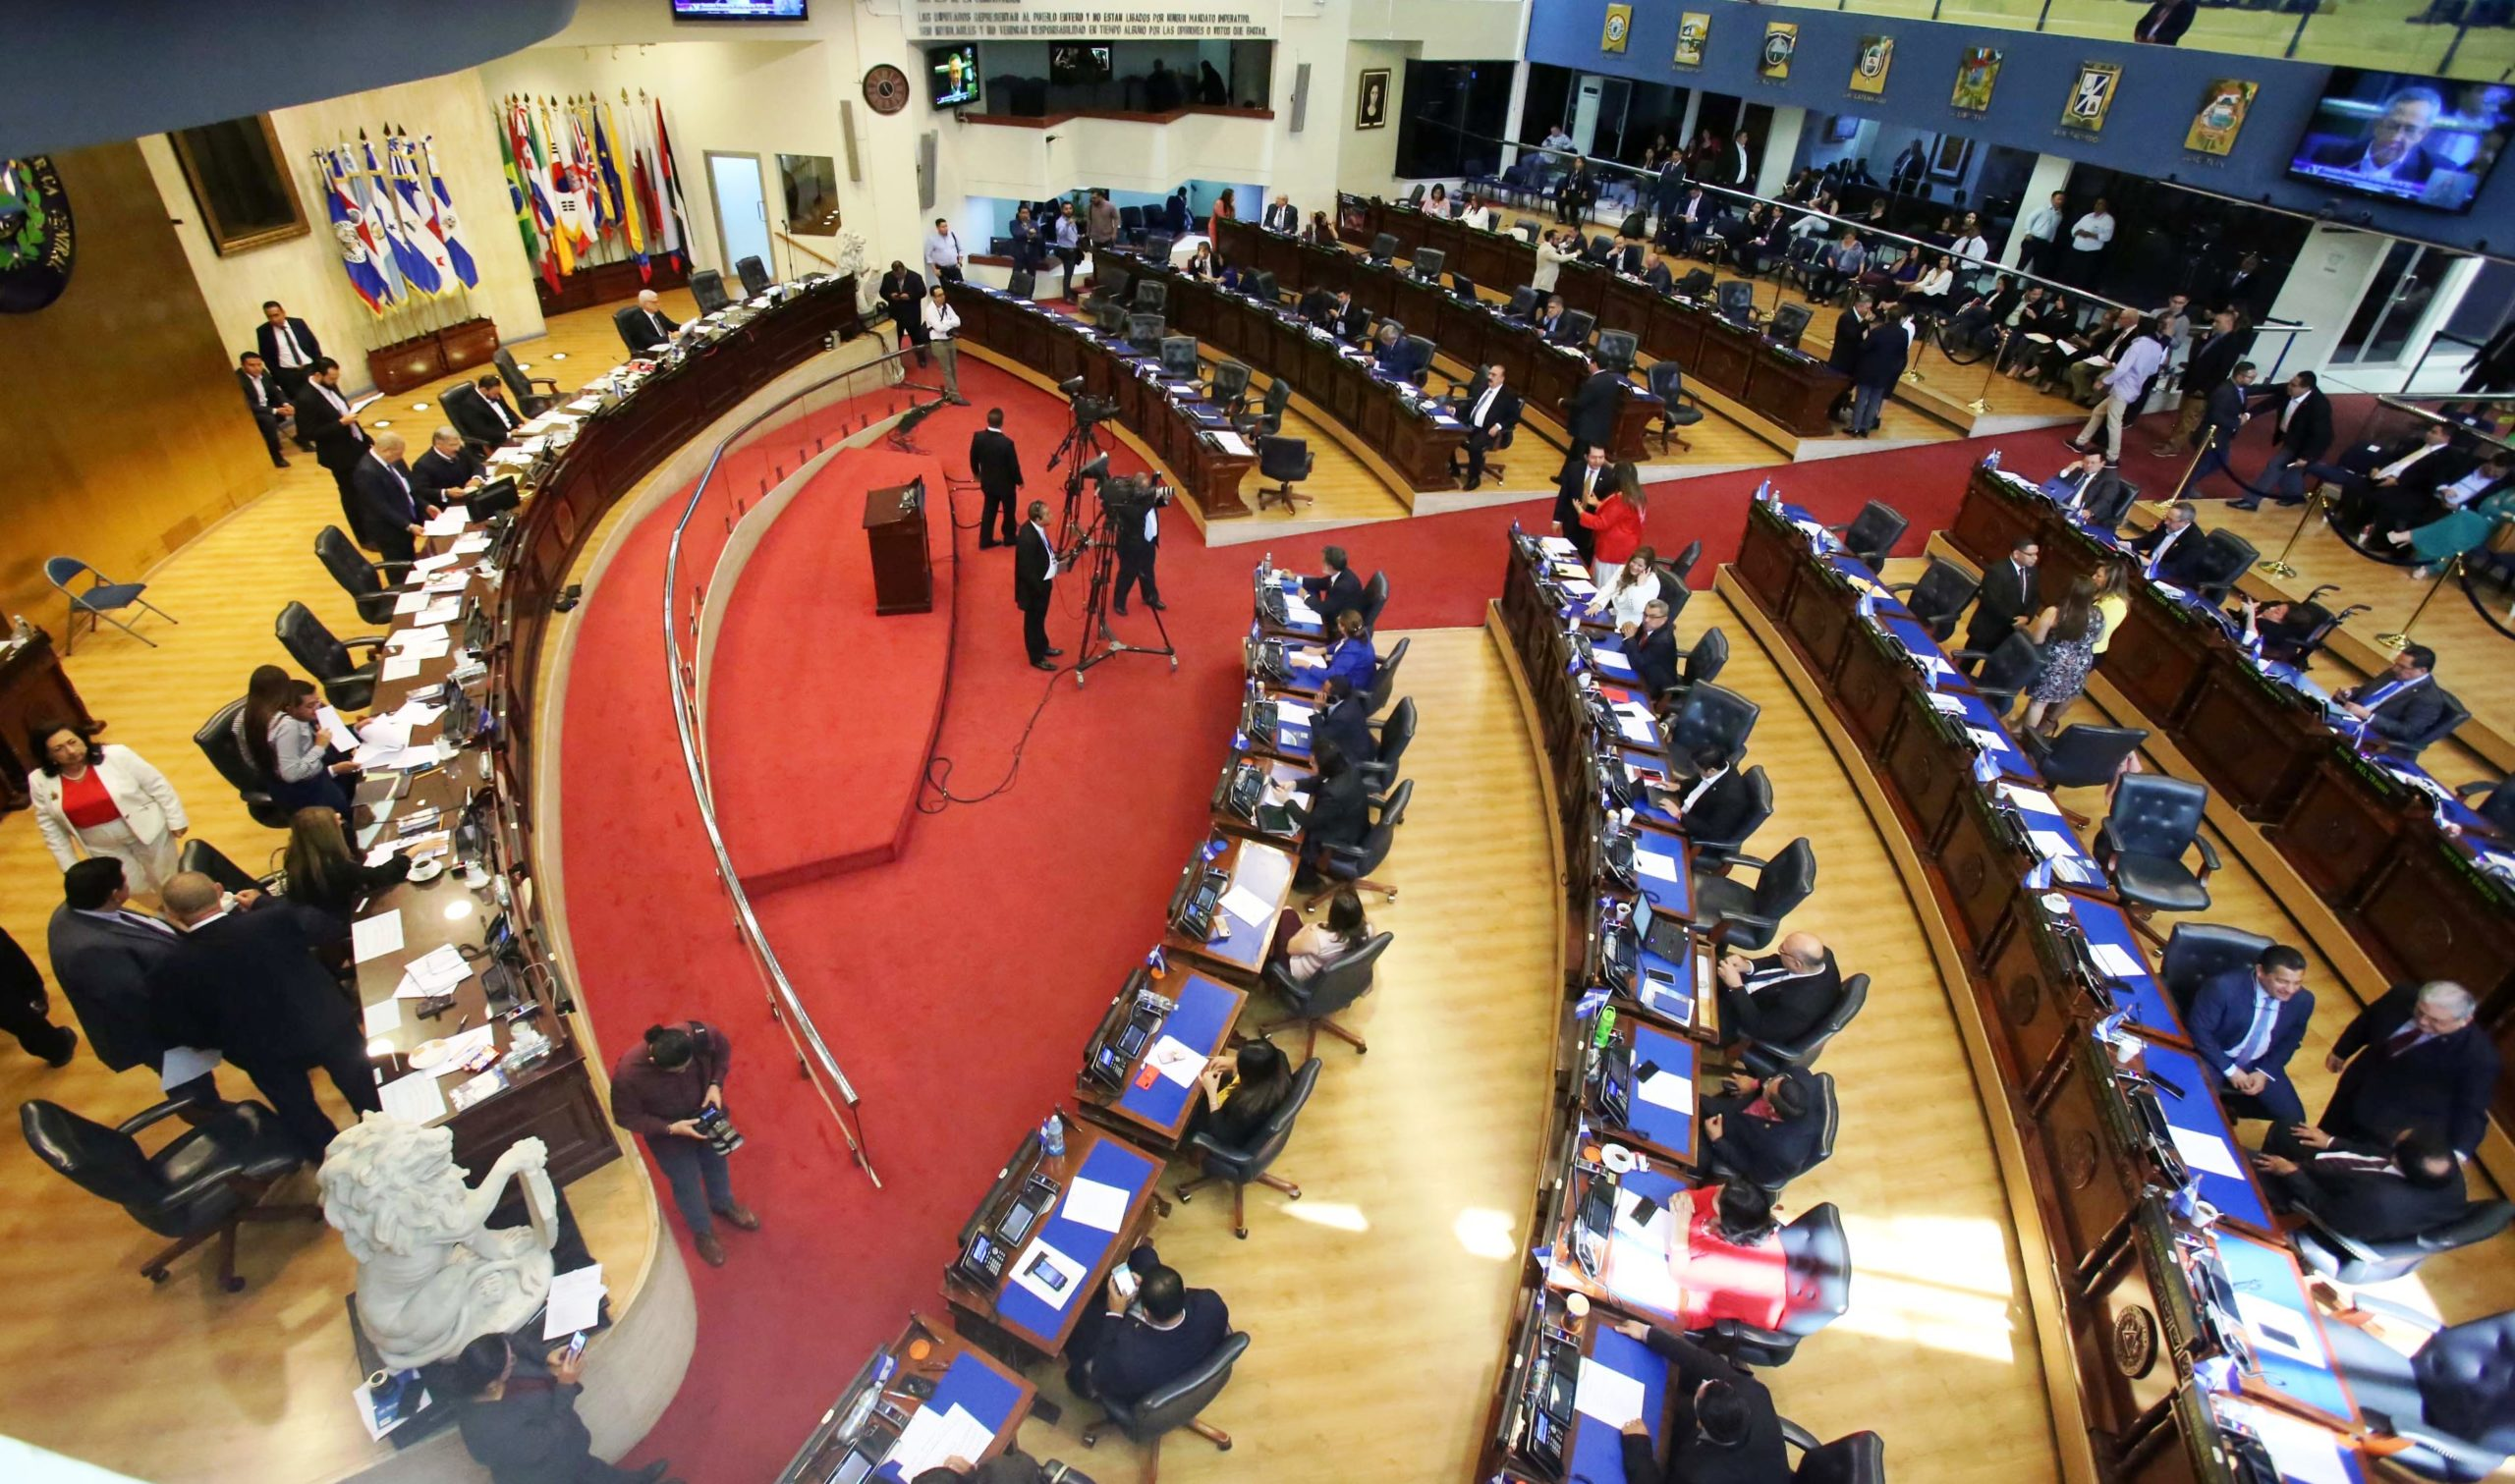 Asamblea fortalece la democracia al ampliar el voto desde el exterior para elegir diputados